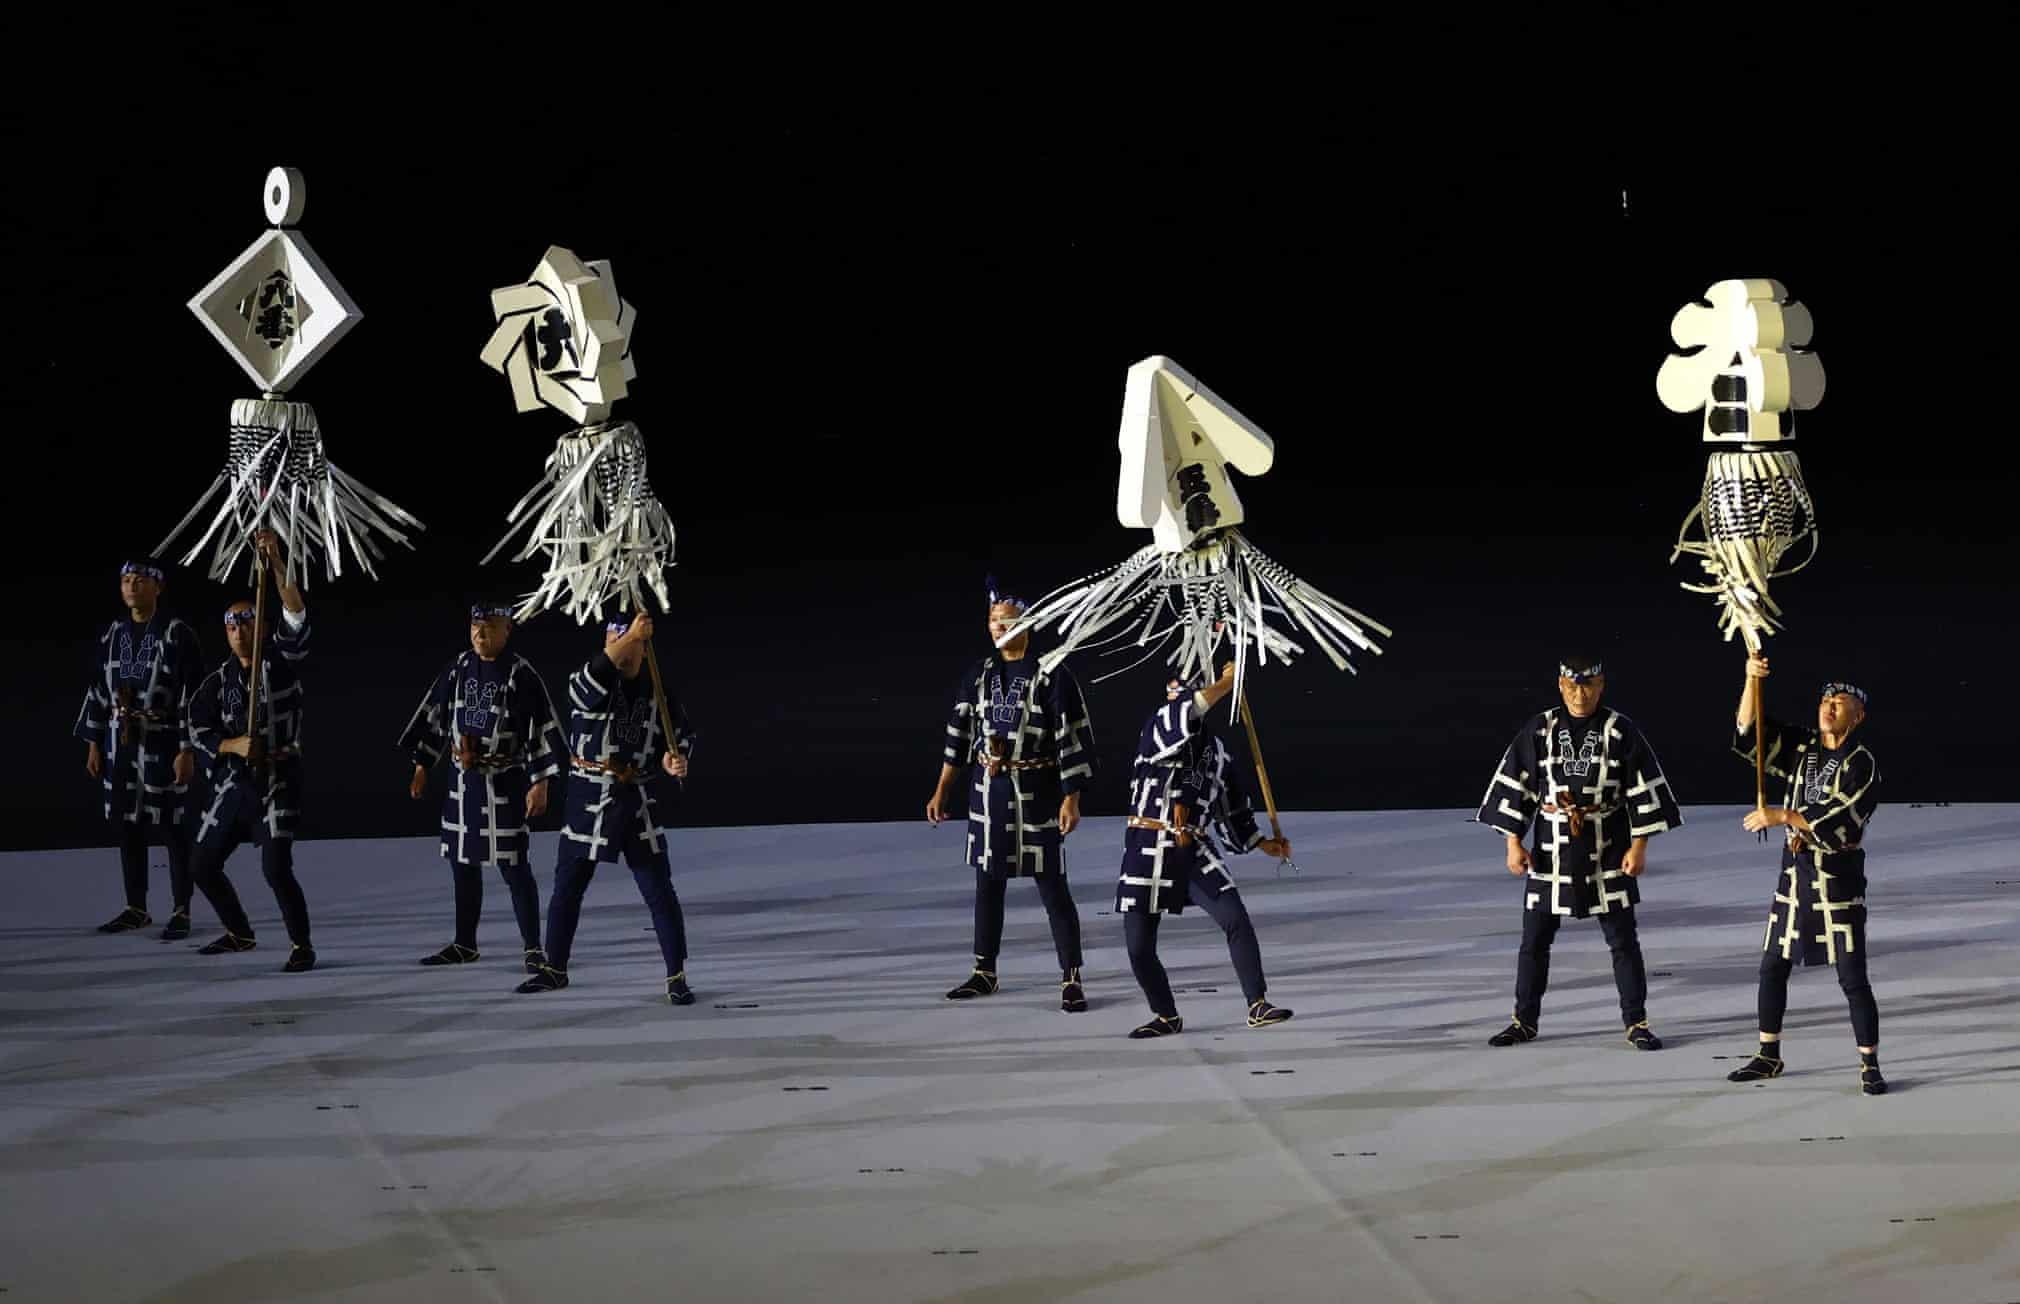 Tiết mục khai mạc Olympic mang không khí cổ trang. Ảnh: Reuters.